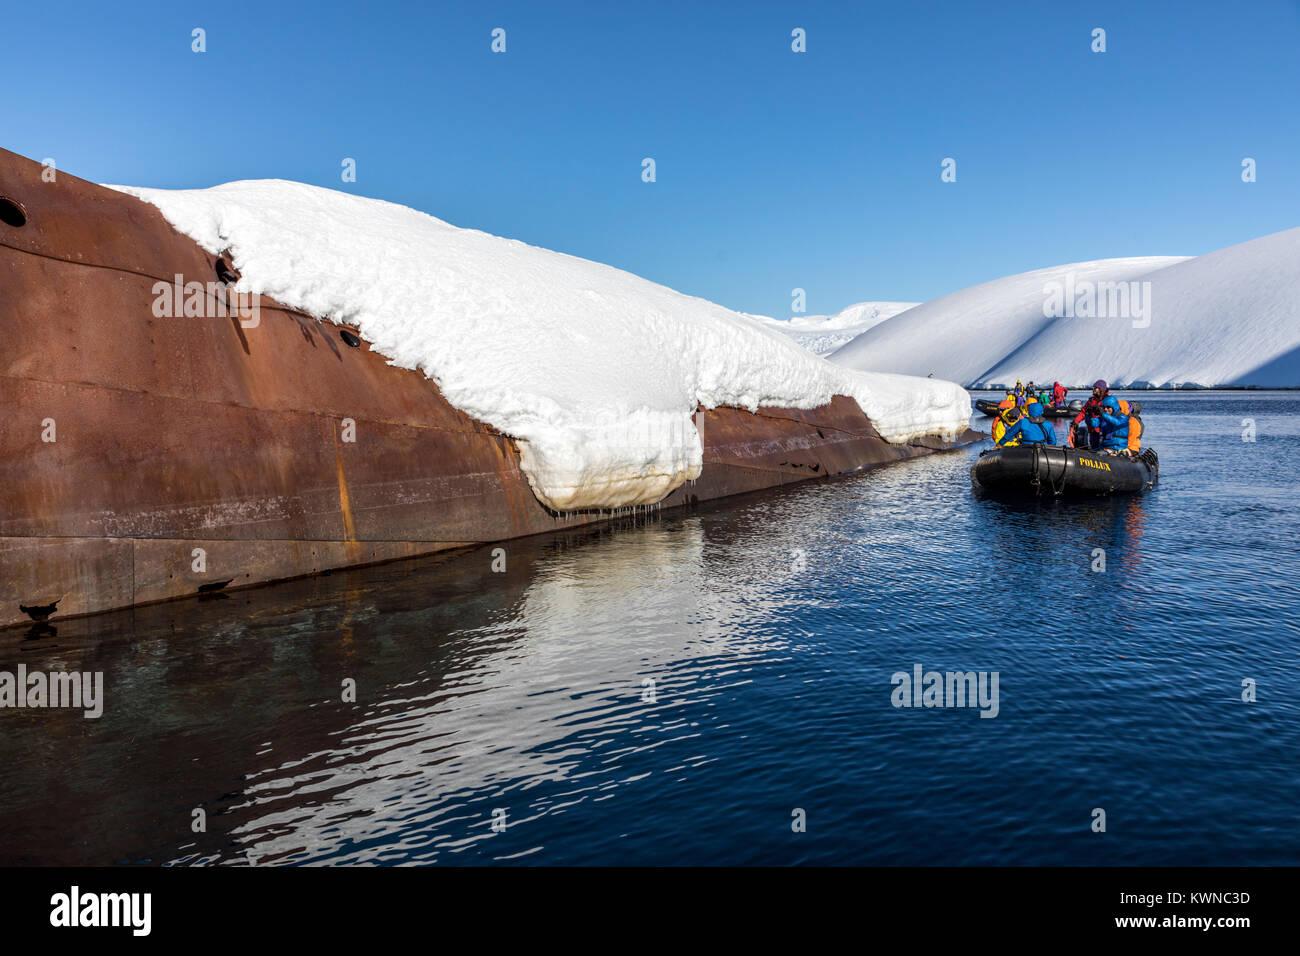 Les touristes en visite en bateau Zodiac baleinière norvégien naufrage; Gouvenoren; Entreprise; l'île de l'Antarctique Banque D'Images